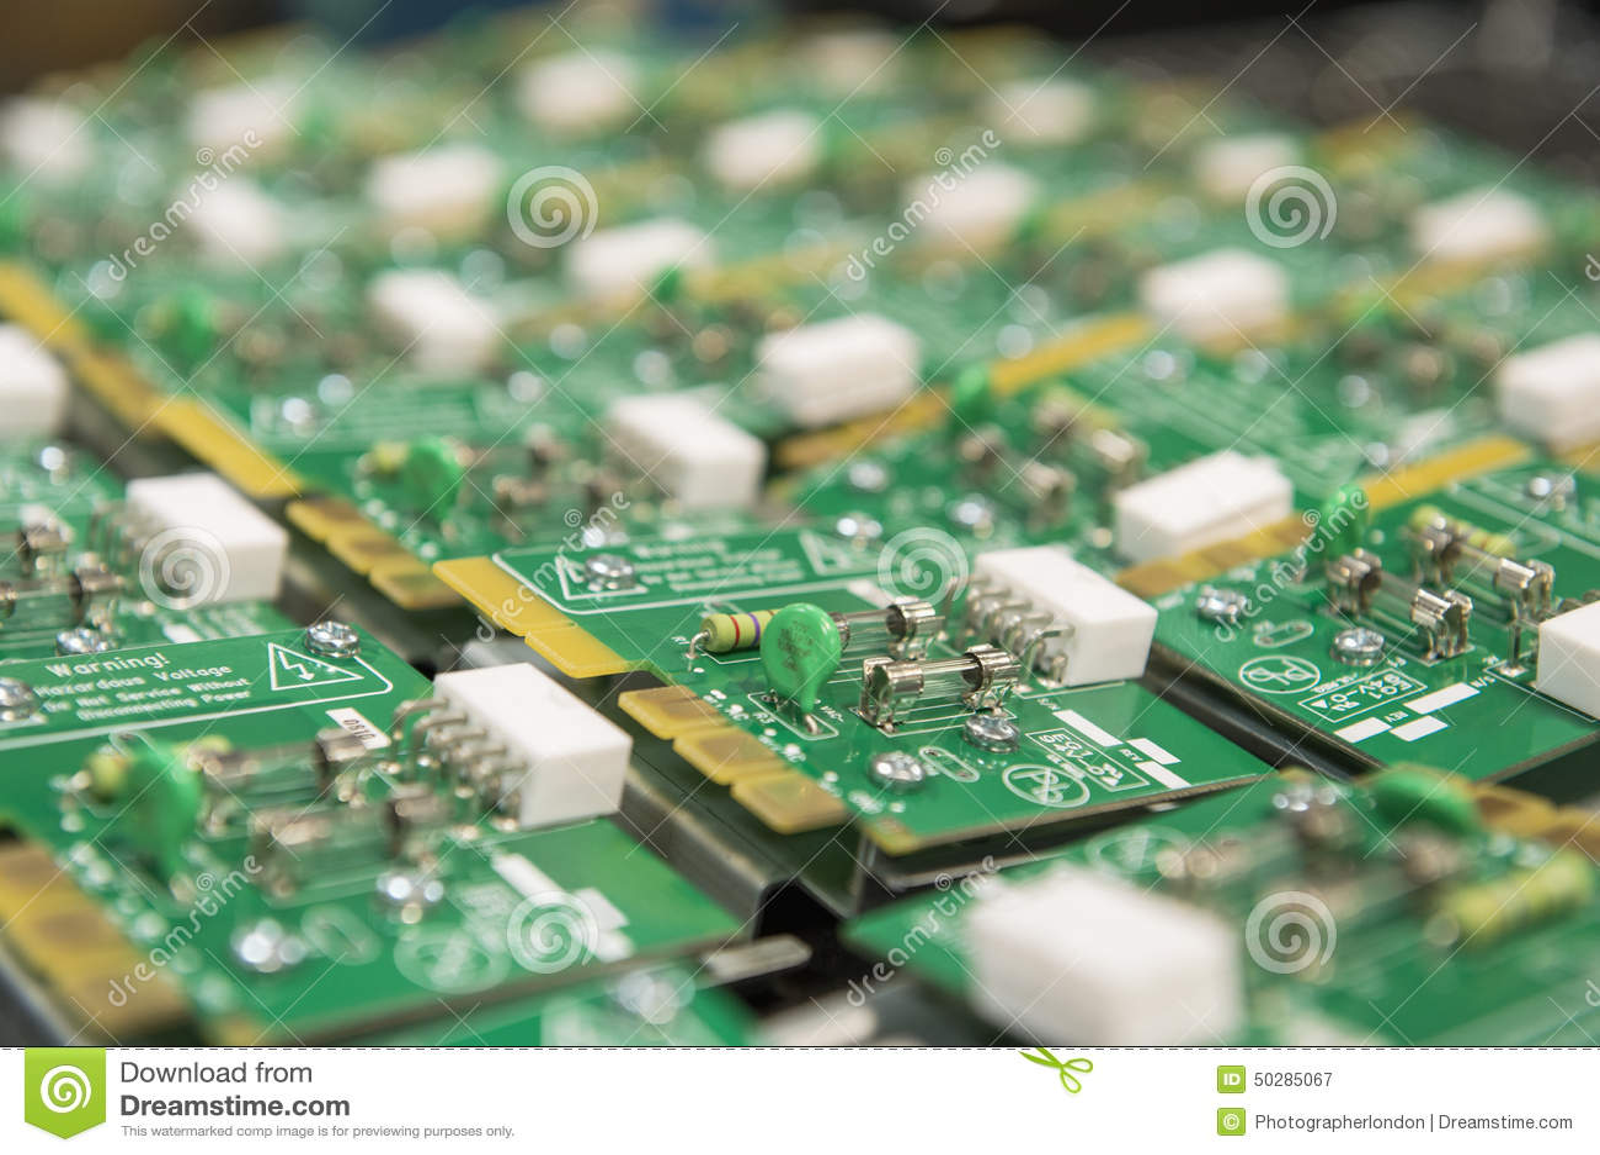 Närbild av strömkretsbrädet i elektronikbransch